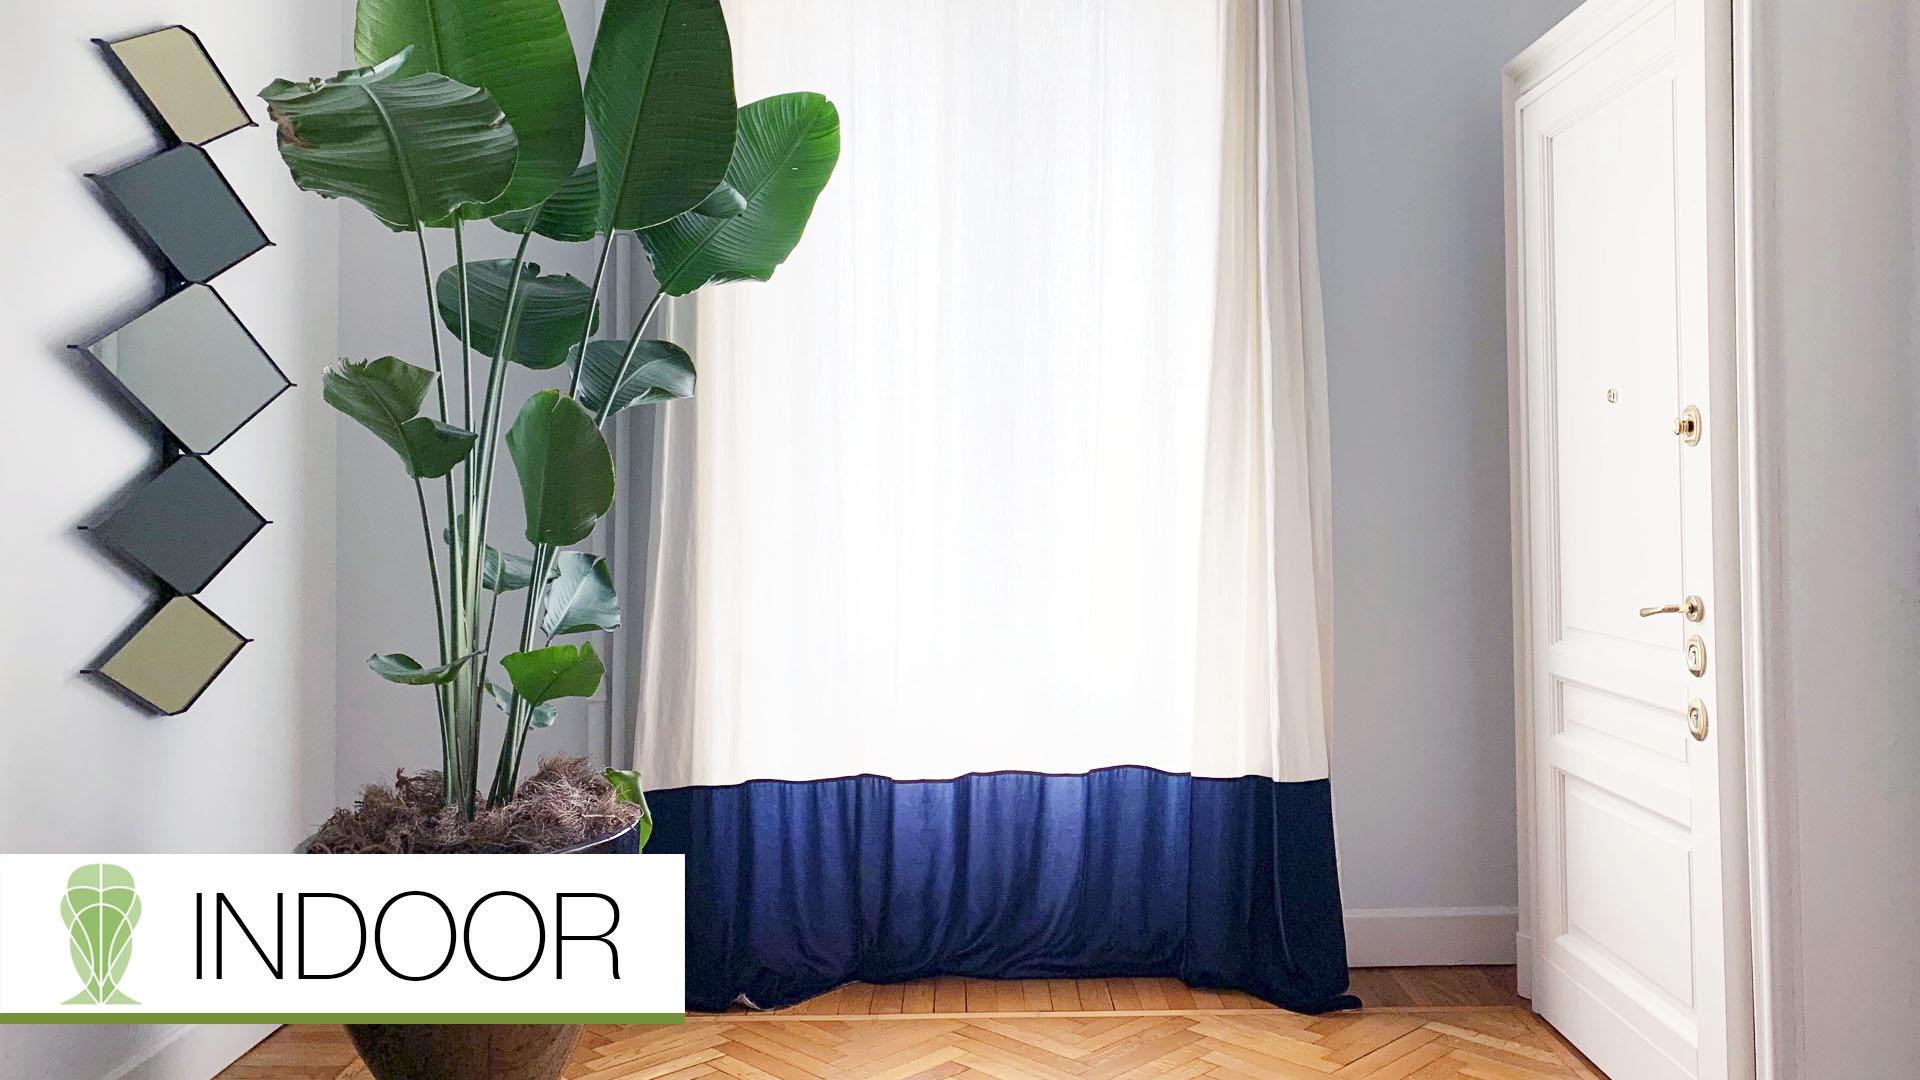 04_indoor-copertina